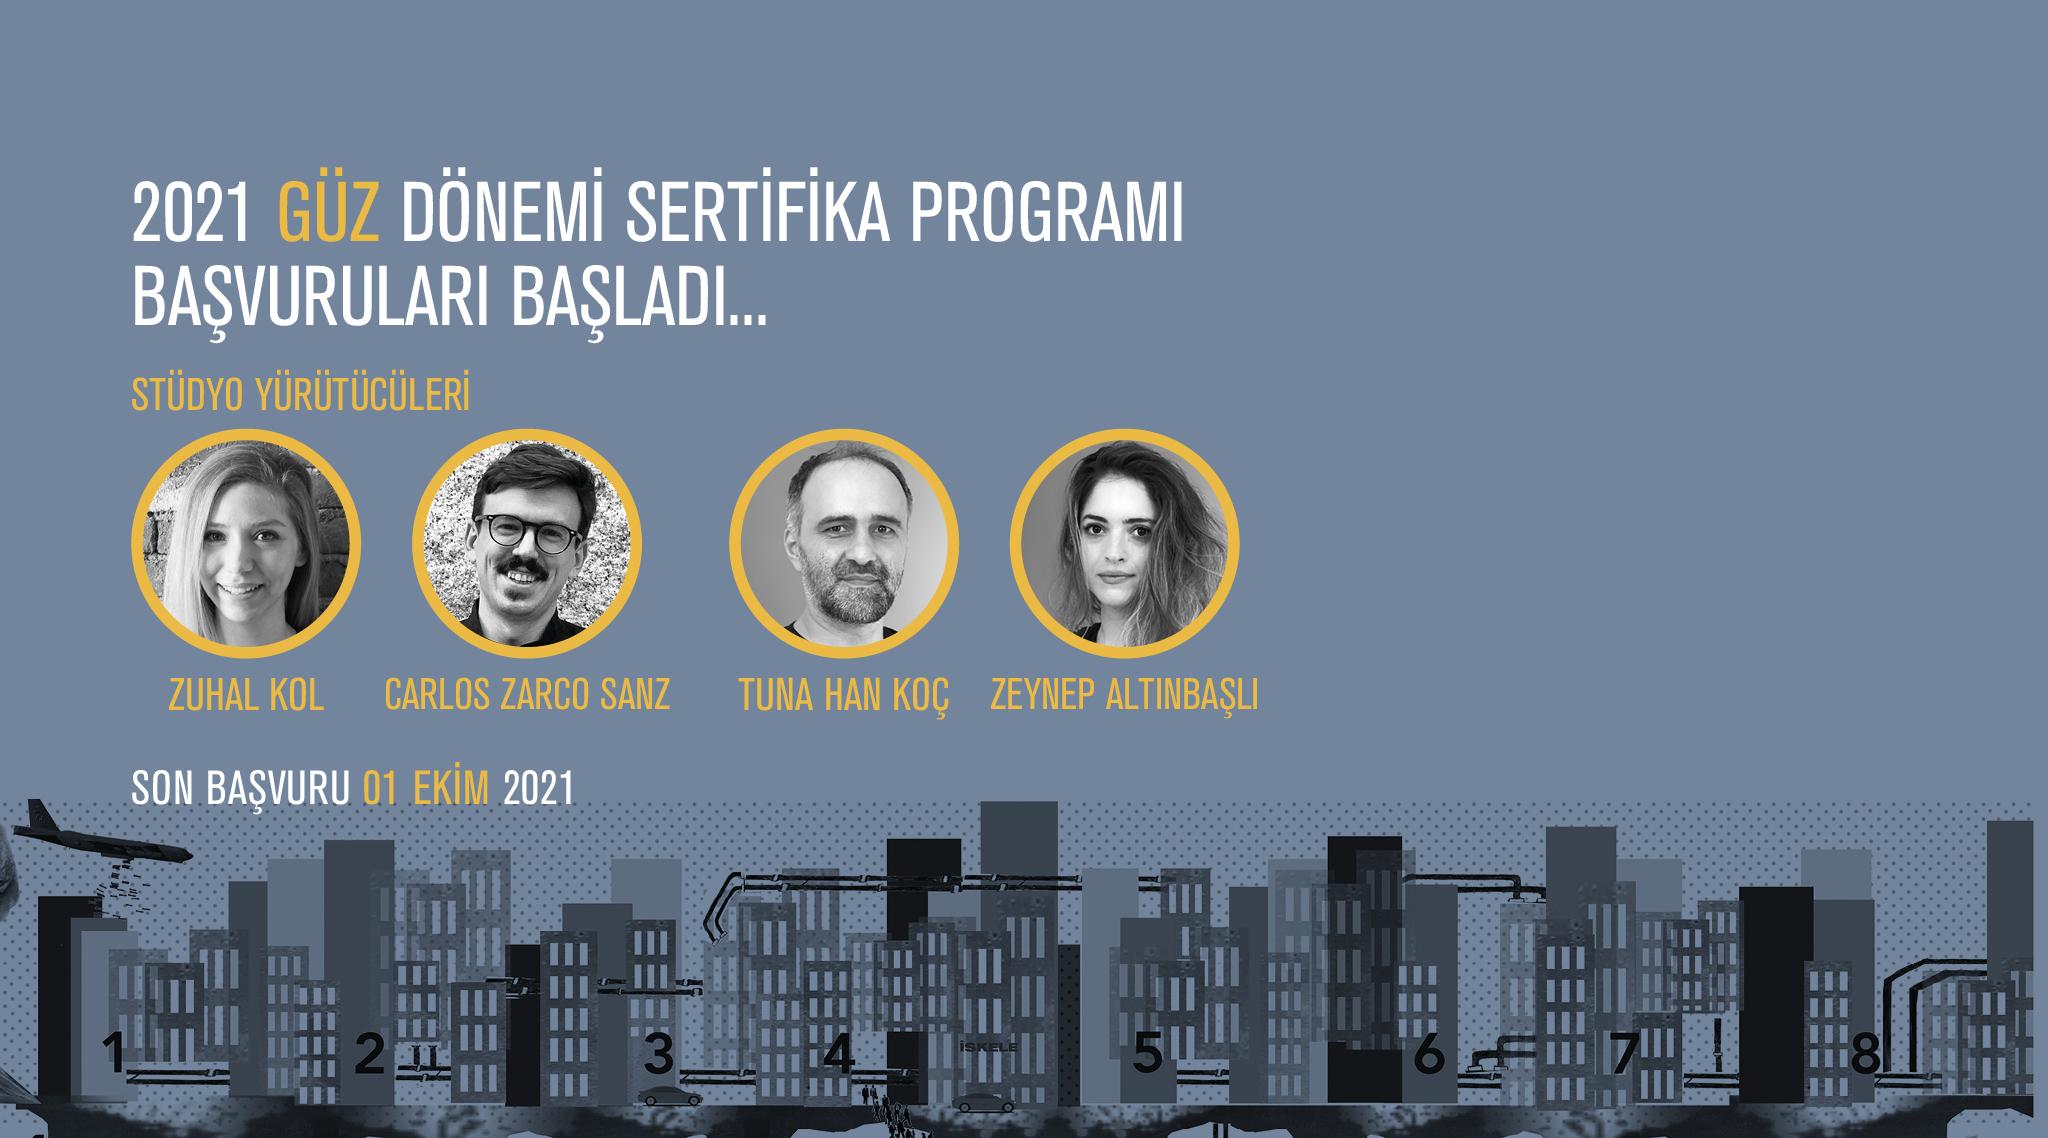 AURA İstanbul 2021 Güz Dönemi Sertifika Programı Katılımcıları Belli Oldu!